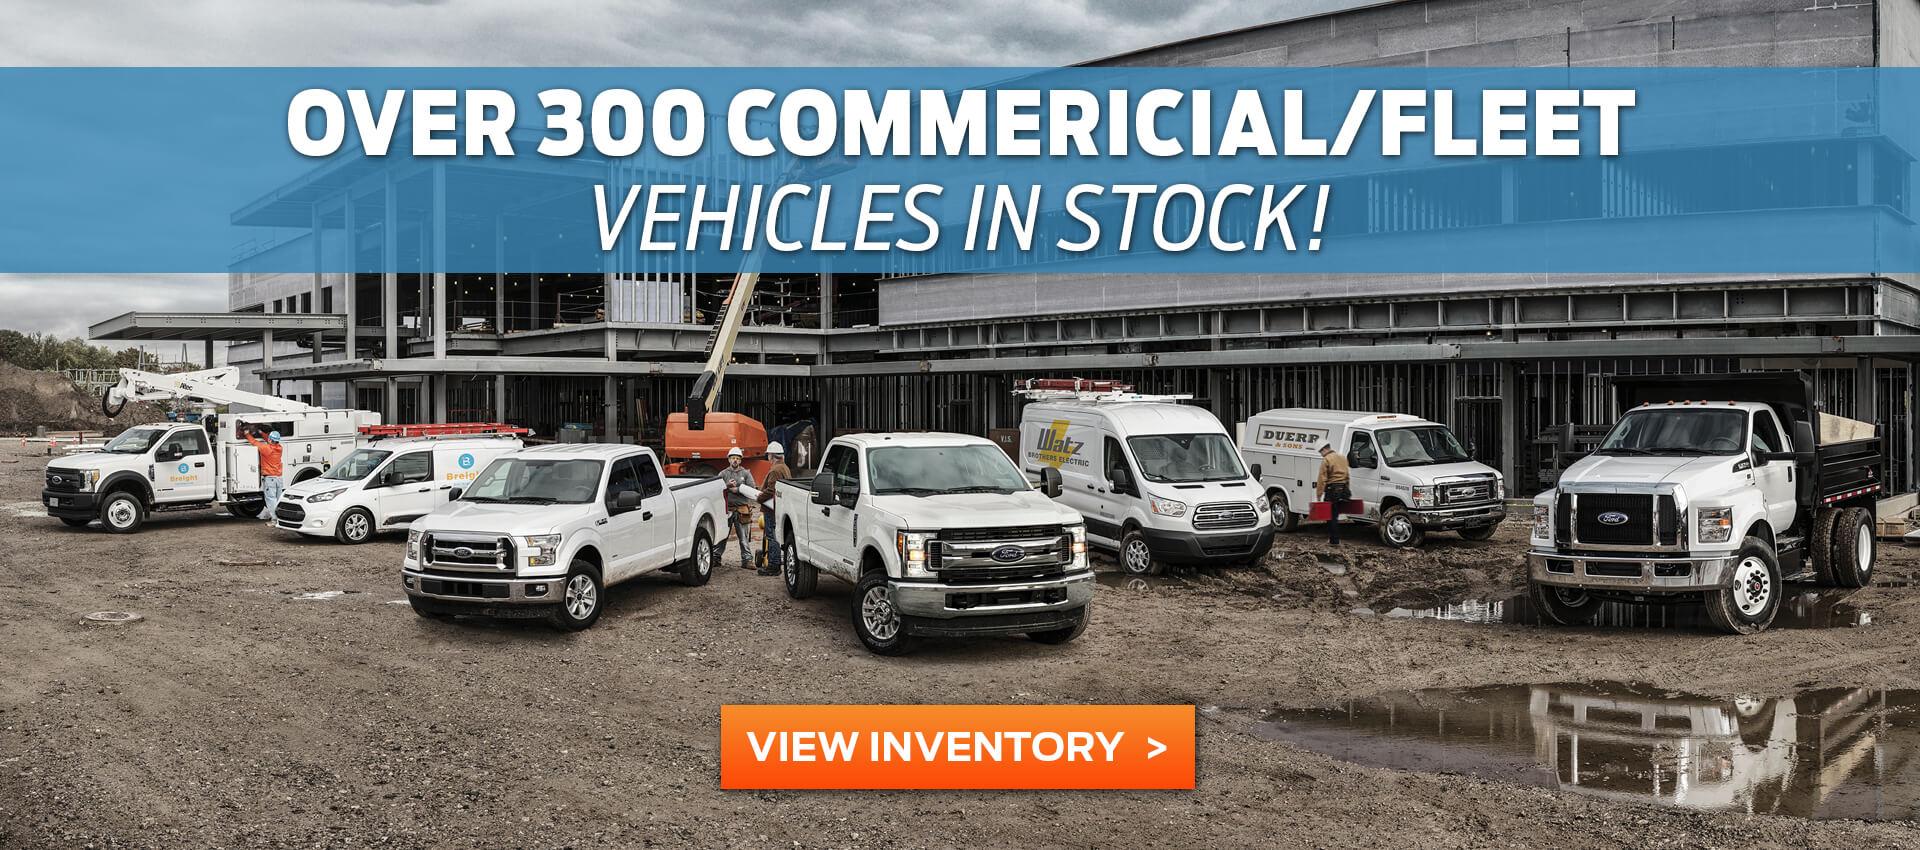 Commercial/Fleet